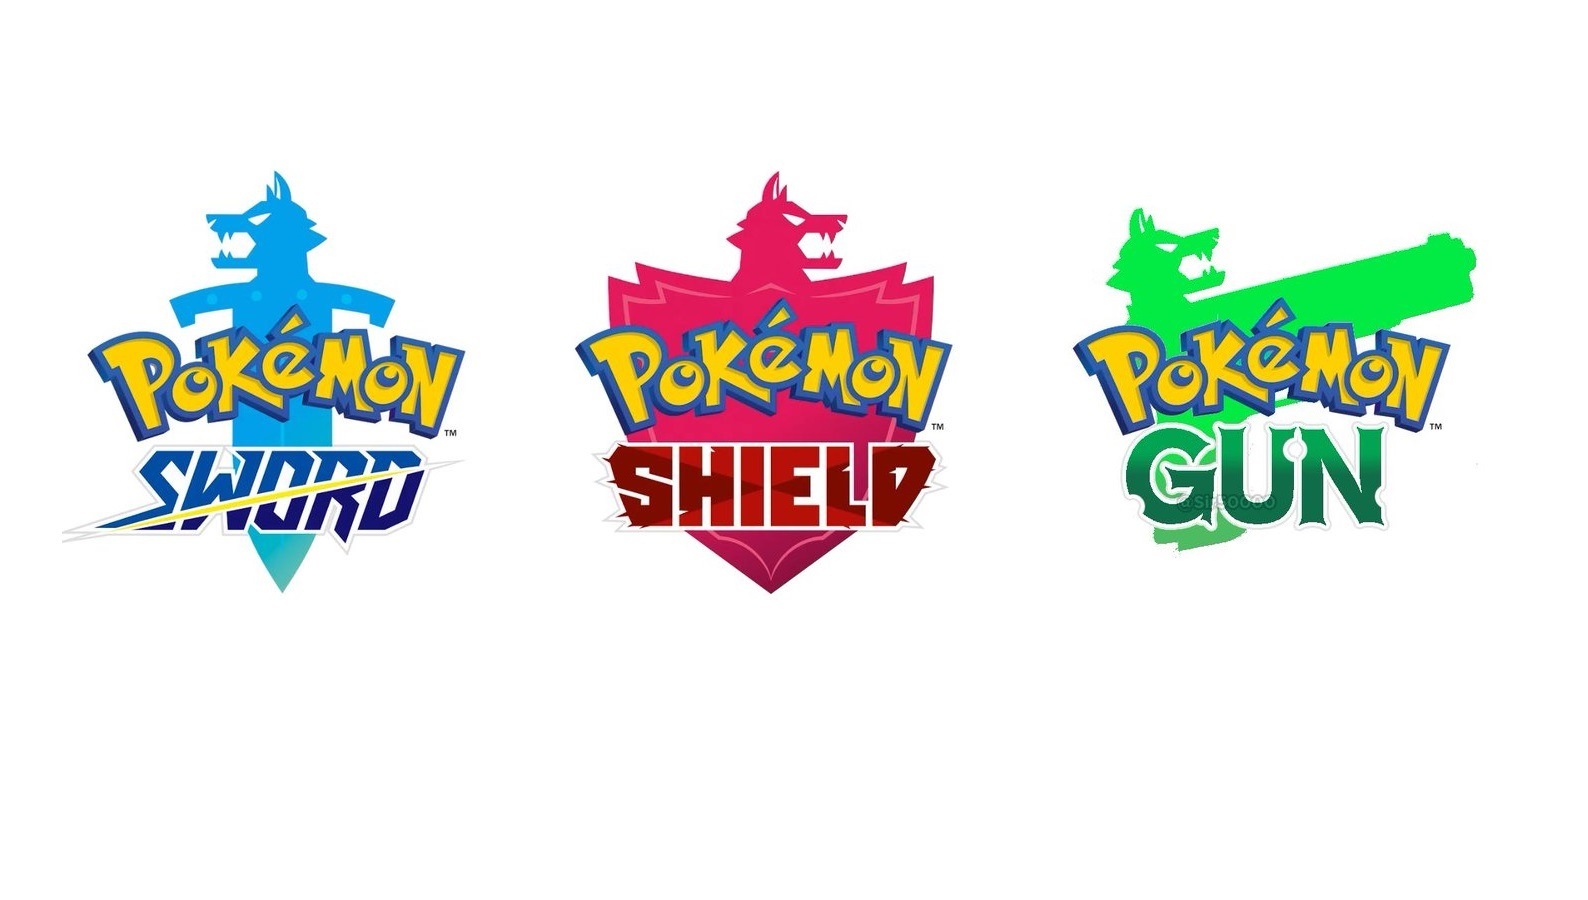 Hiszpańska gazeta lokalna ogłosiła Pokémon Gun4